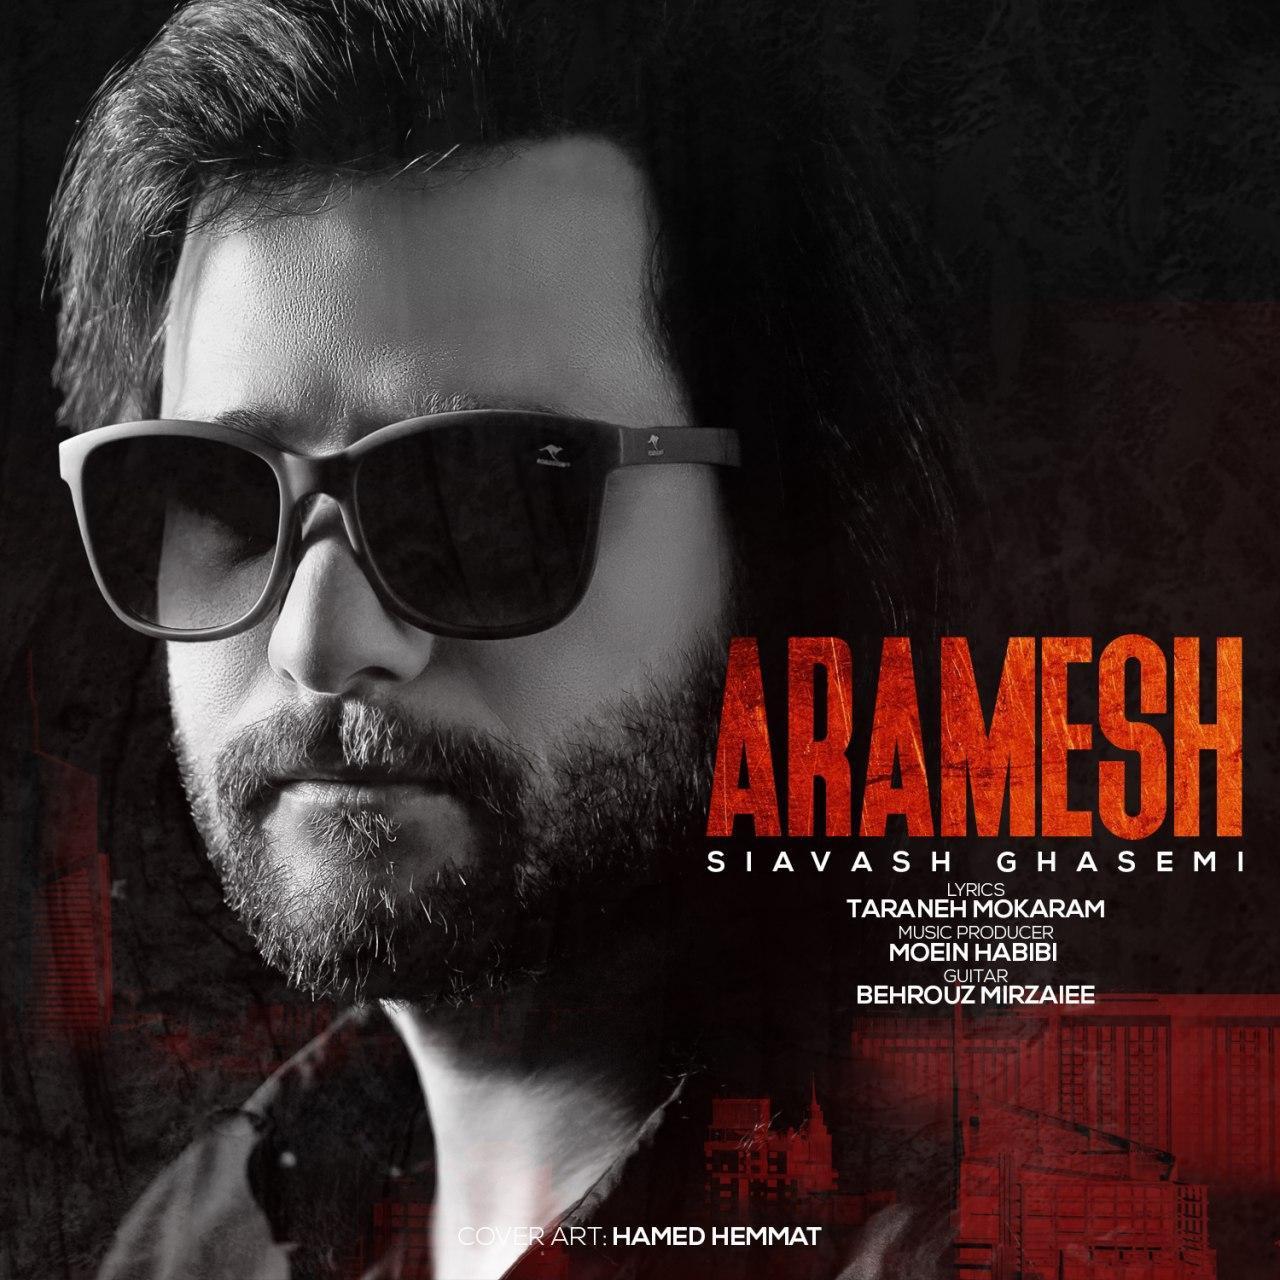 Siavash Ghasemi – Aramesh